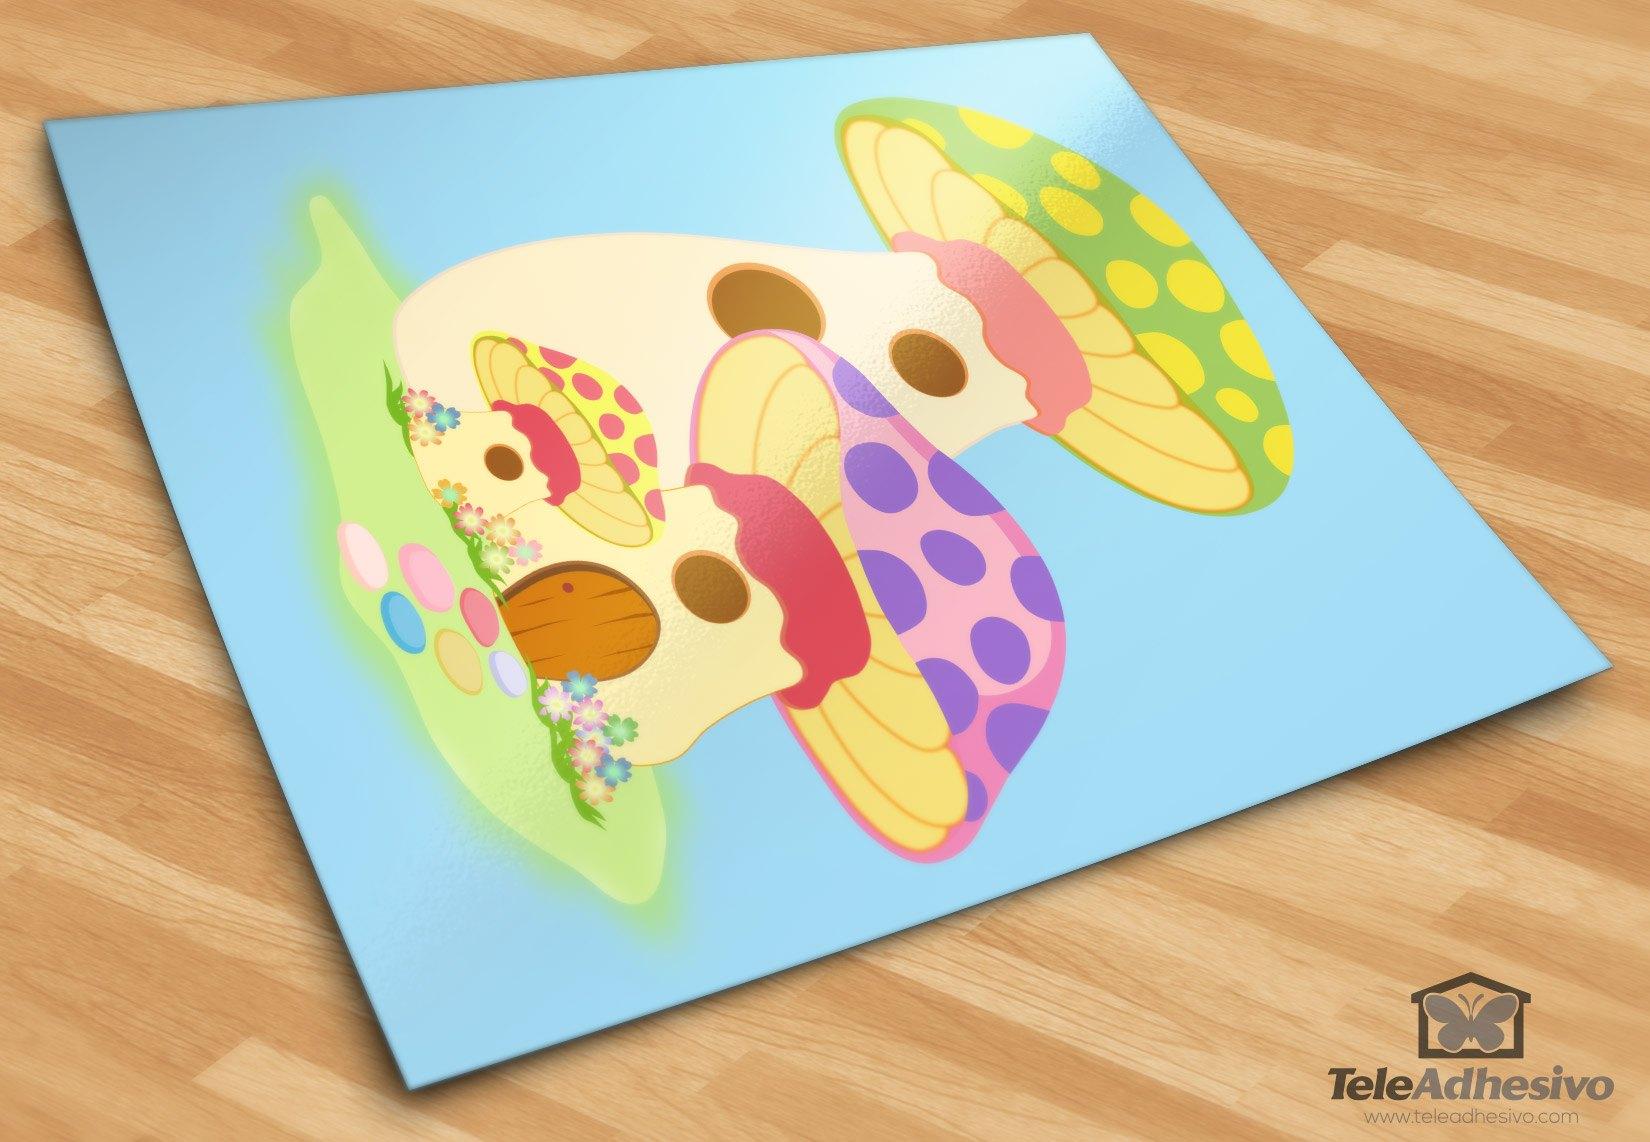 Kinderzimmer Wandtattoo: Getreide Grün und Violett